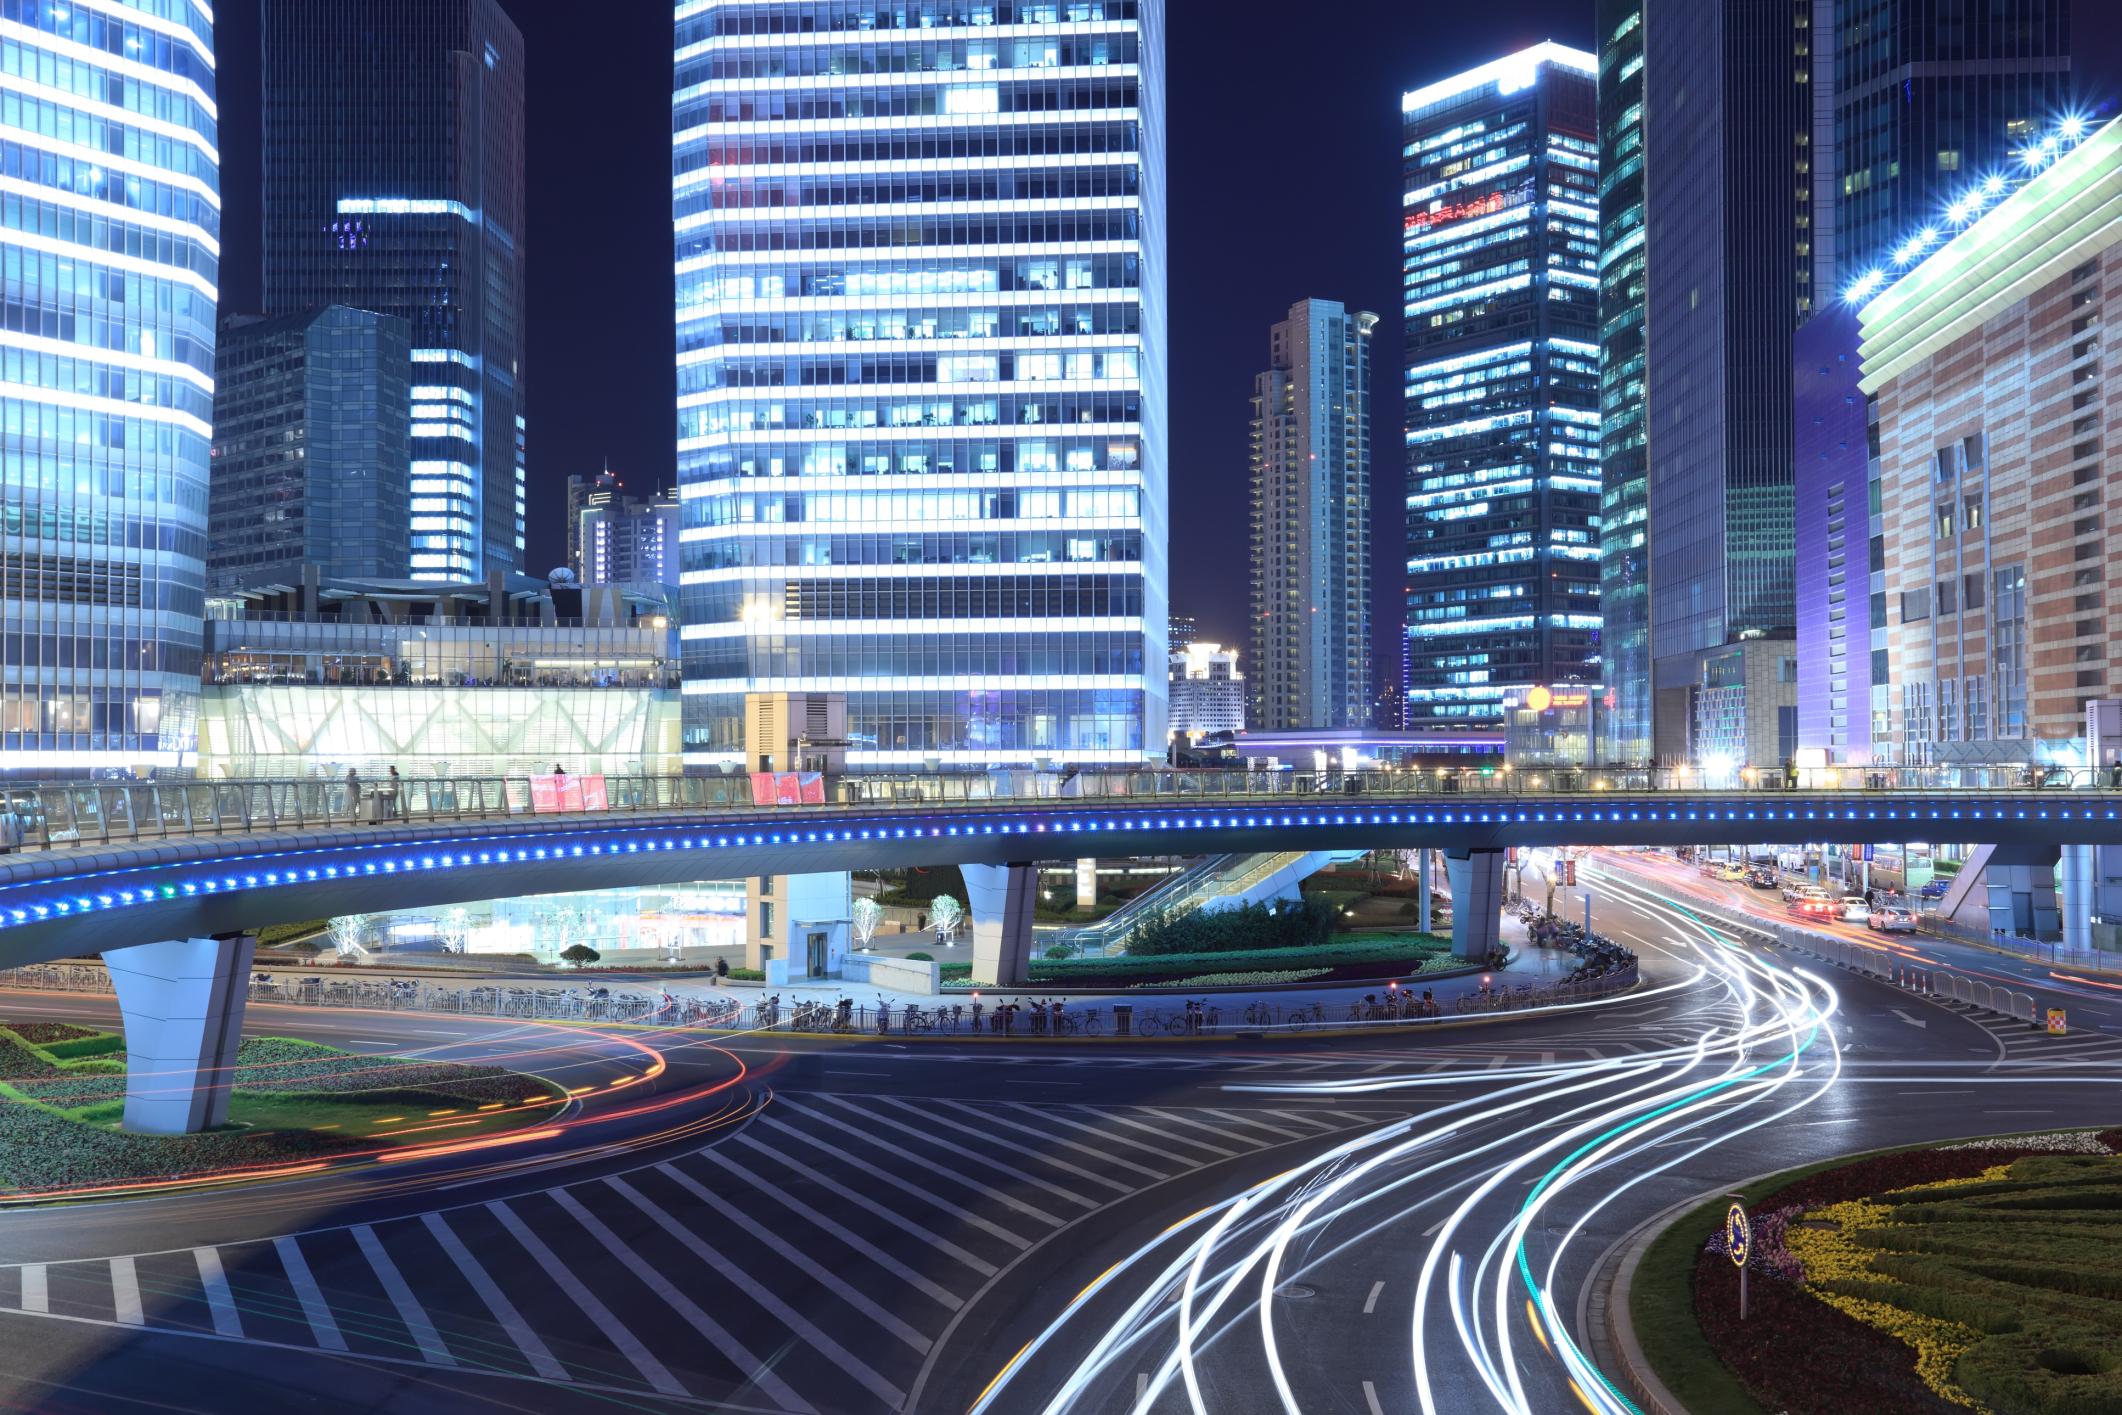 MISE e AGID: cooperazione per lo sviluppo delle Smart City